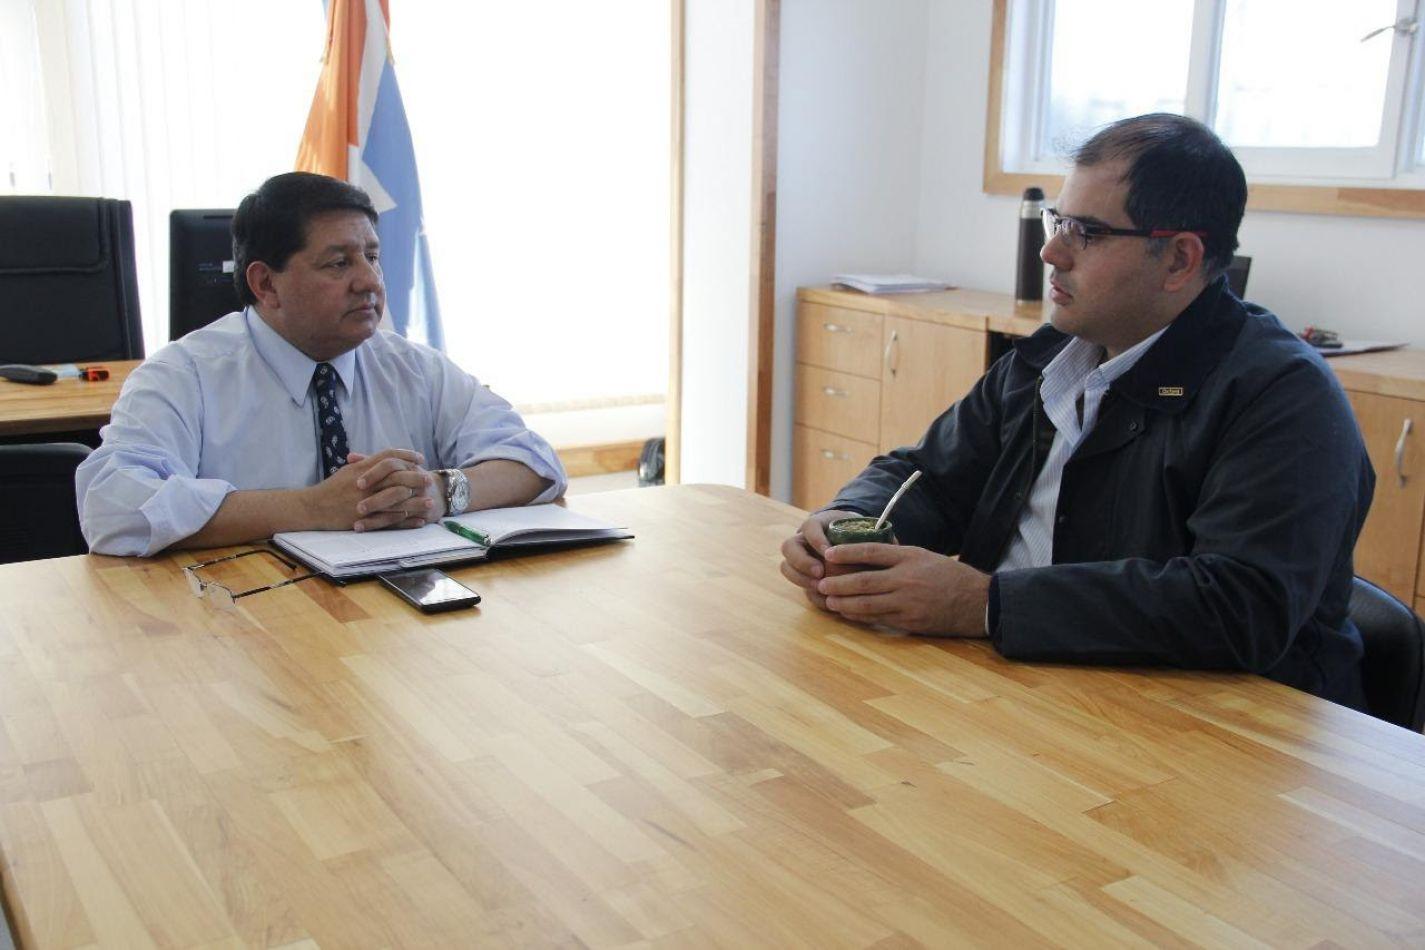 El ministro de Agricultura, Ganadería y Pesca Walter Abregú junto al secretario General de UATRE Ariel Aguilar